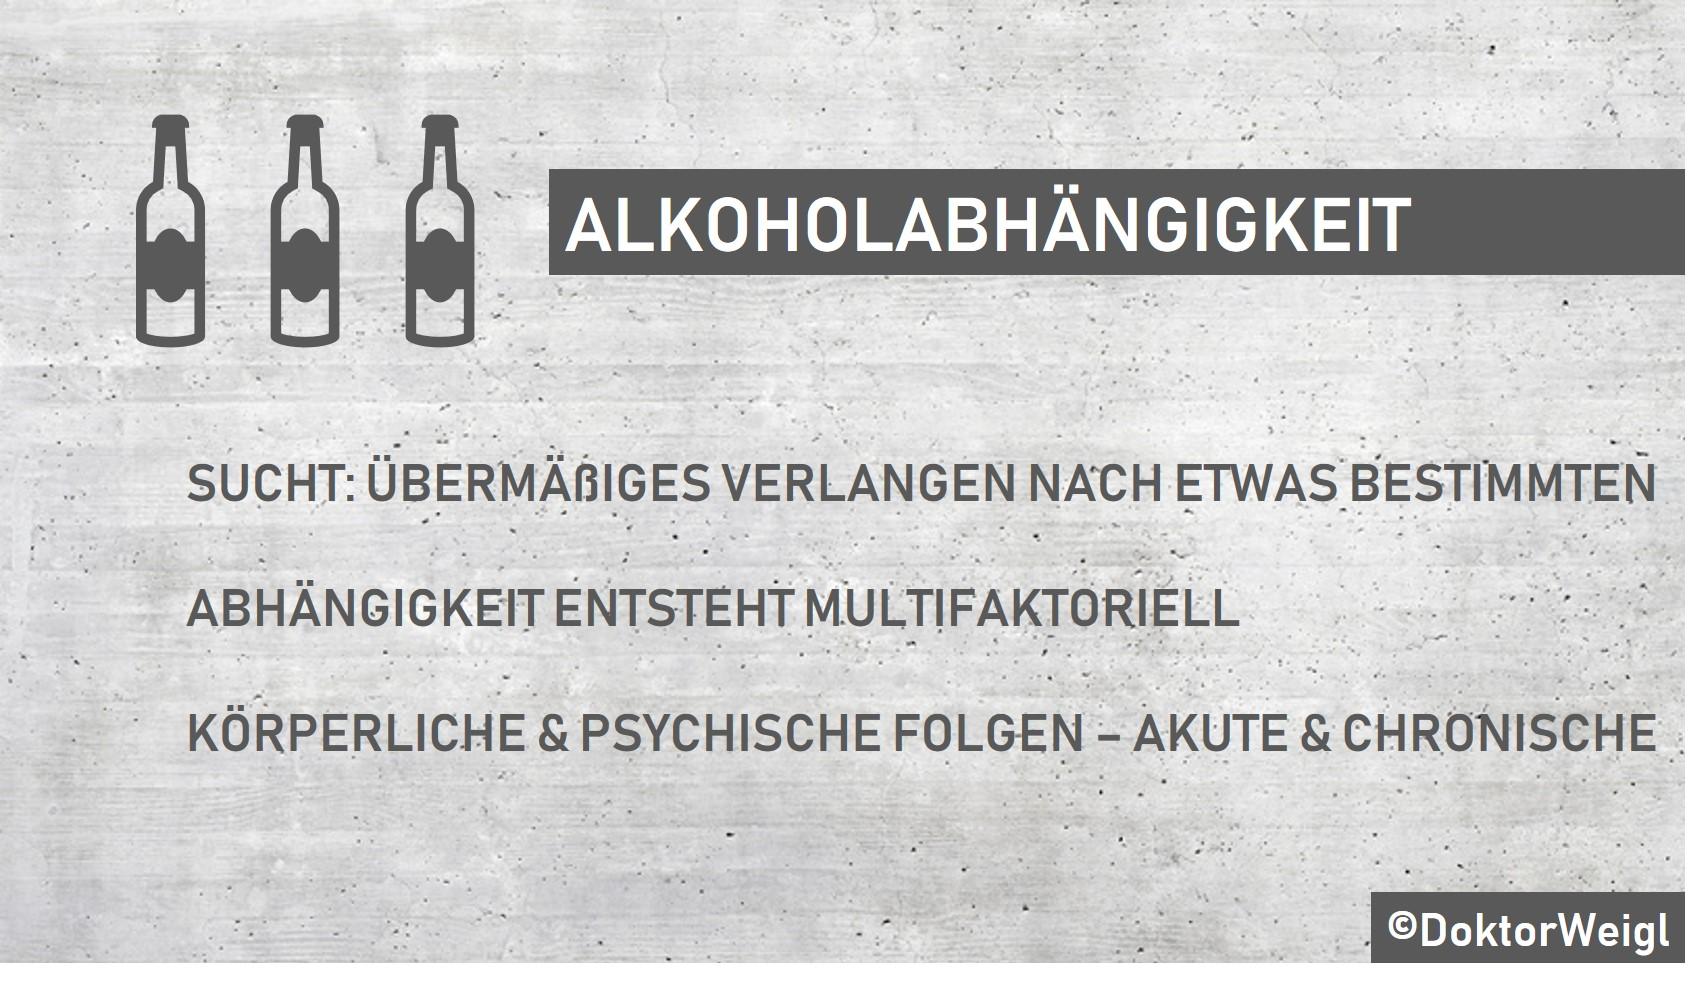 alcoholvergiftung anzeichen diabetes